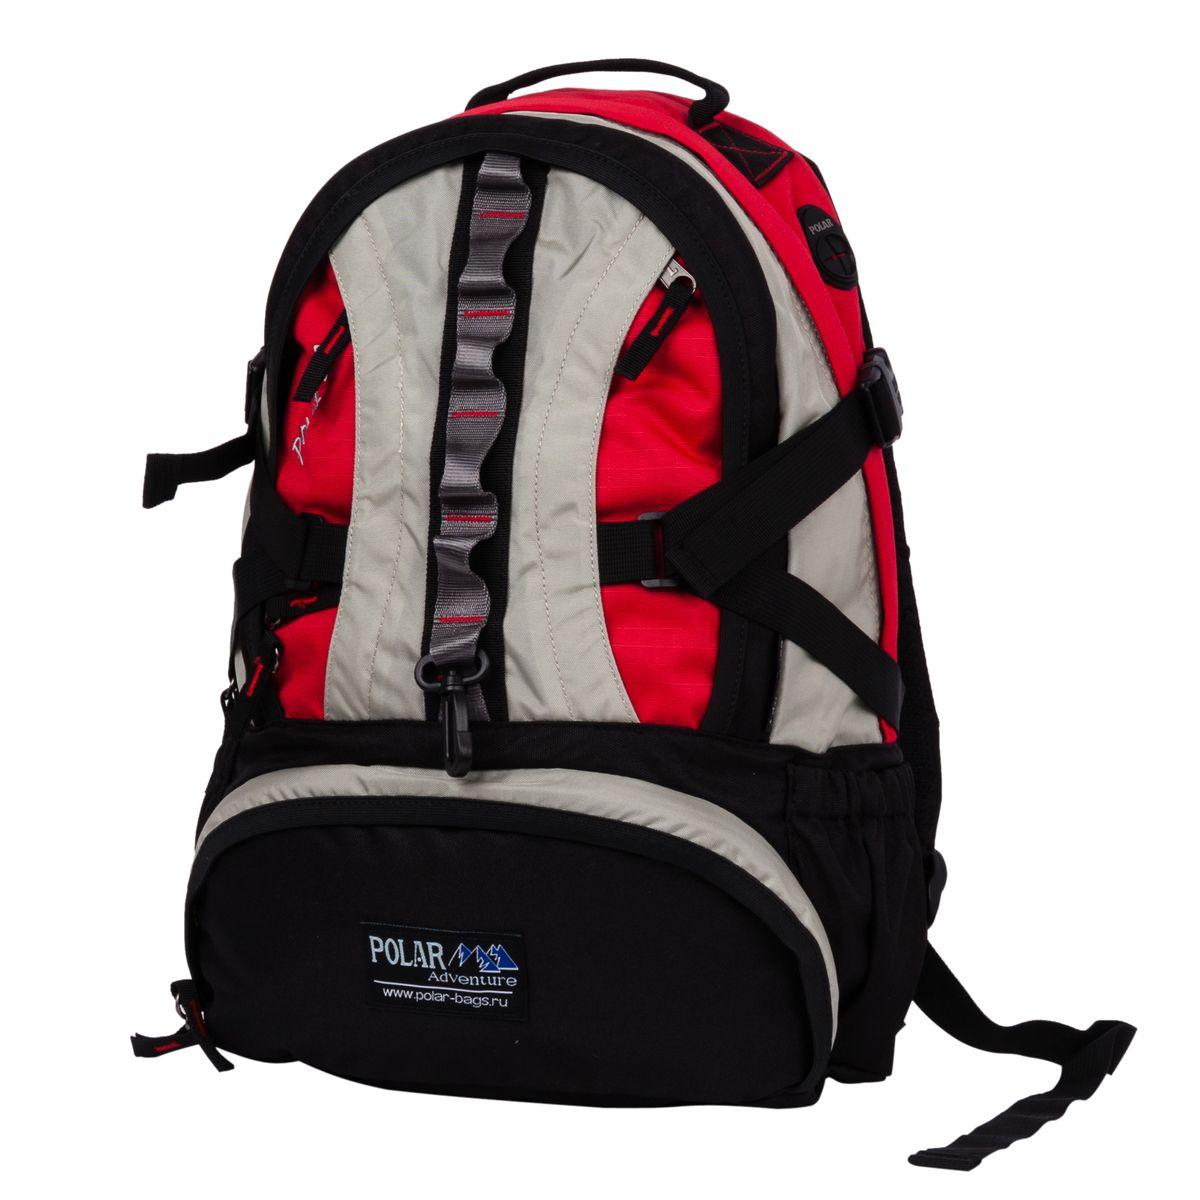 Рюкзак городской Polar, 27 л, цвет: красный. П1003-01BP-001 BKГородской рюкзак с модным дизайном предназначенный для города, путешествий и активного отдыха. Полностью вентилируемая и удобная спинка c системой циркуляции воздуха Air, мягкие плечевые лямки создают дополнительный комфорт при ношении. Основное отделение с внутренним отделением на молниях. Большие карманы для аксессуаров и персональных вещей. Центральный отсек для персональных вещей и документов A4 на двухсторонних молниях для удобства. Большой отсек для спортивной обуви т.п. Маленький карман для mp3, CD плеера. Выход для наушников. Два боковых кармана под бутылки с водой. Дождевик защищает рюкзак от намокания в дождливую погоду. Регулируемые ремни дают возможность крепления на рюкзак дополнительного оборудования. Регулируемая грудная стяжка с удобным фиксатором. Регулирующий поясной ремень удерживает плотно рюкзак на спине, что очень удобно при езде на велосипеде или продолжительных походах.